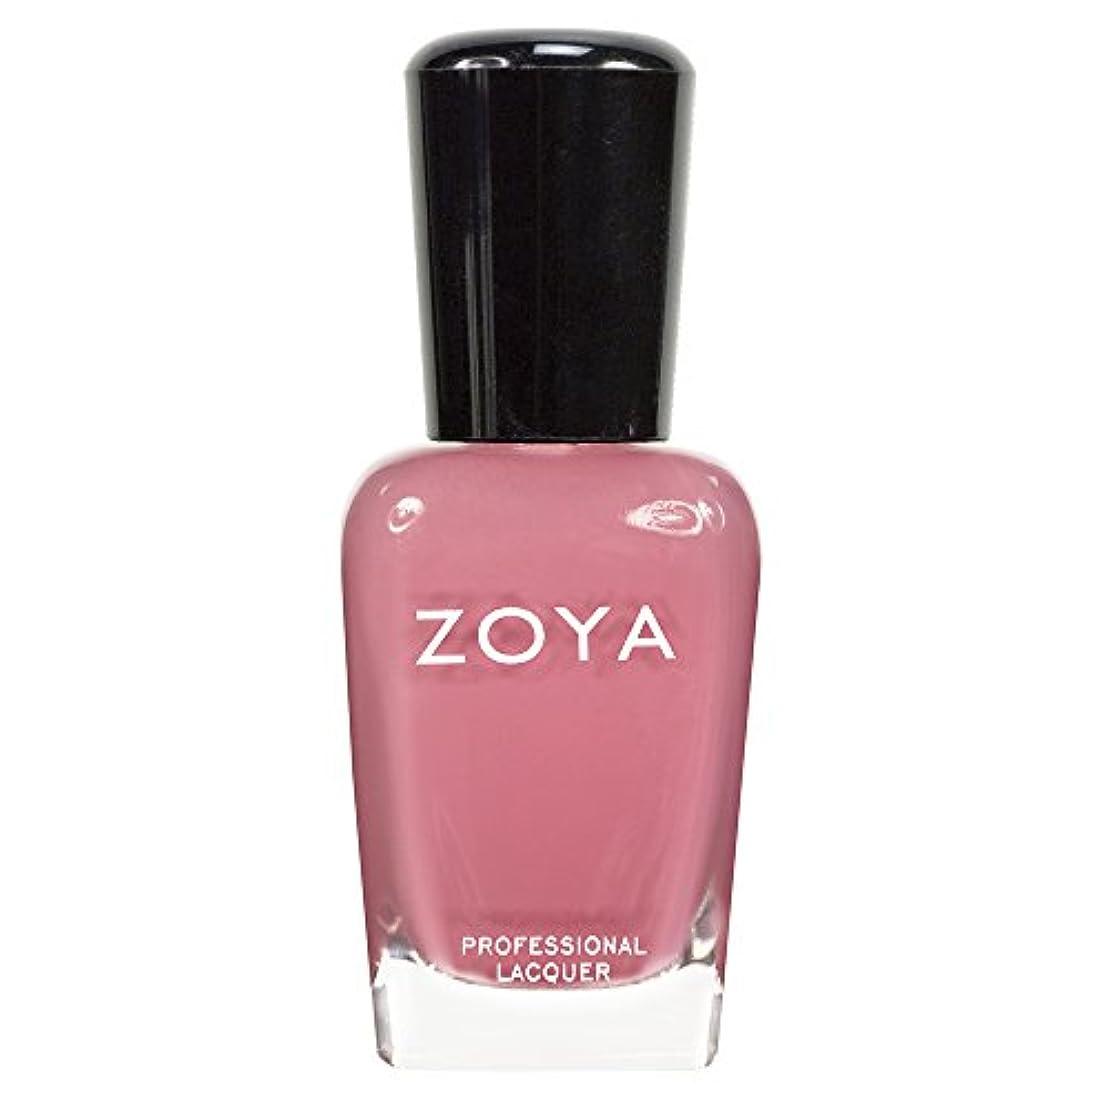 ほうき早く連続したZOYA ゾーヤ ネイルカラーZP436 ZANNA ザンナ  15ml 淡いモーブピンク マット 爪にやさしいネイルラッカーマニキュア